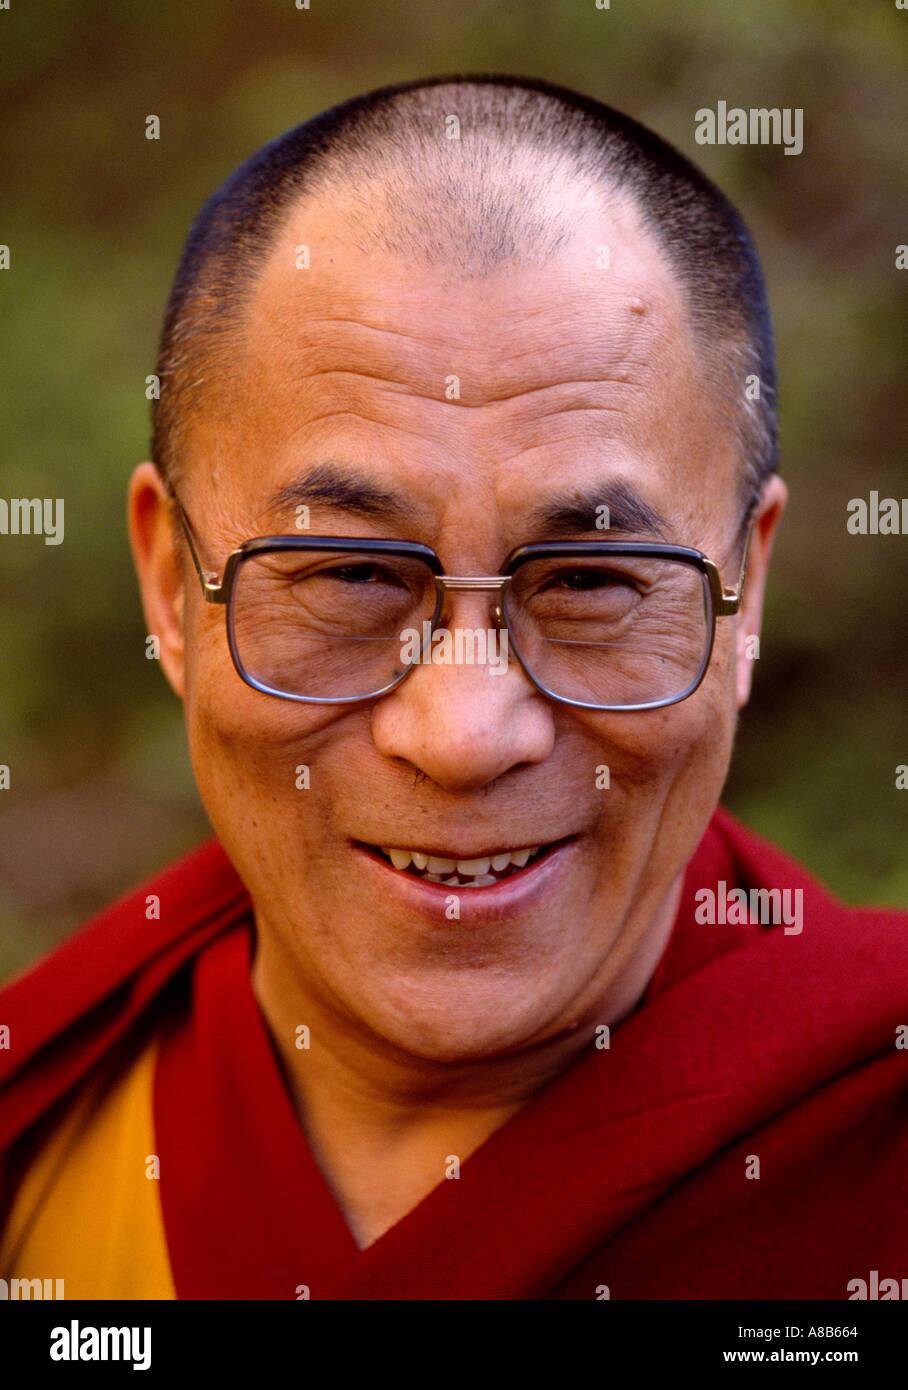 The Dalai Lama - Stock Image